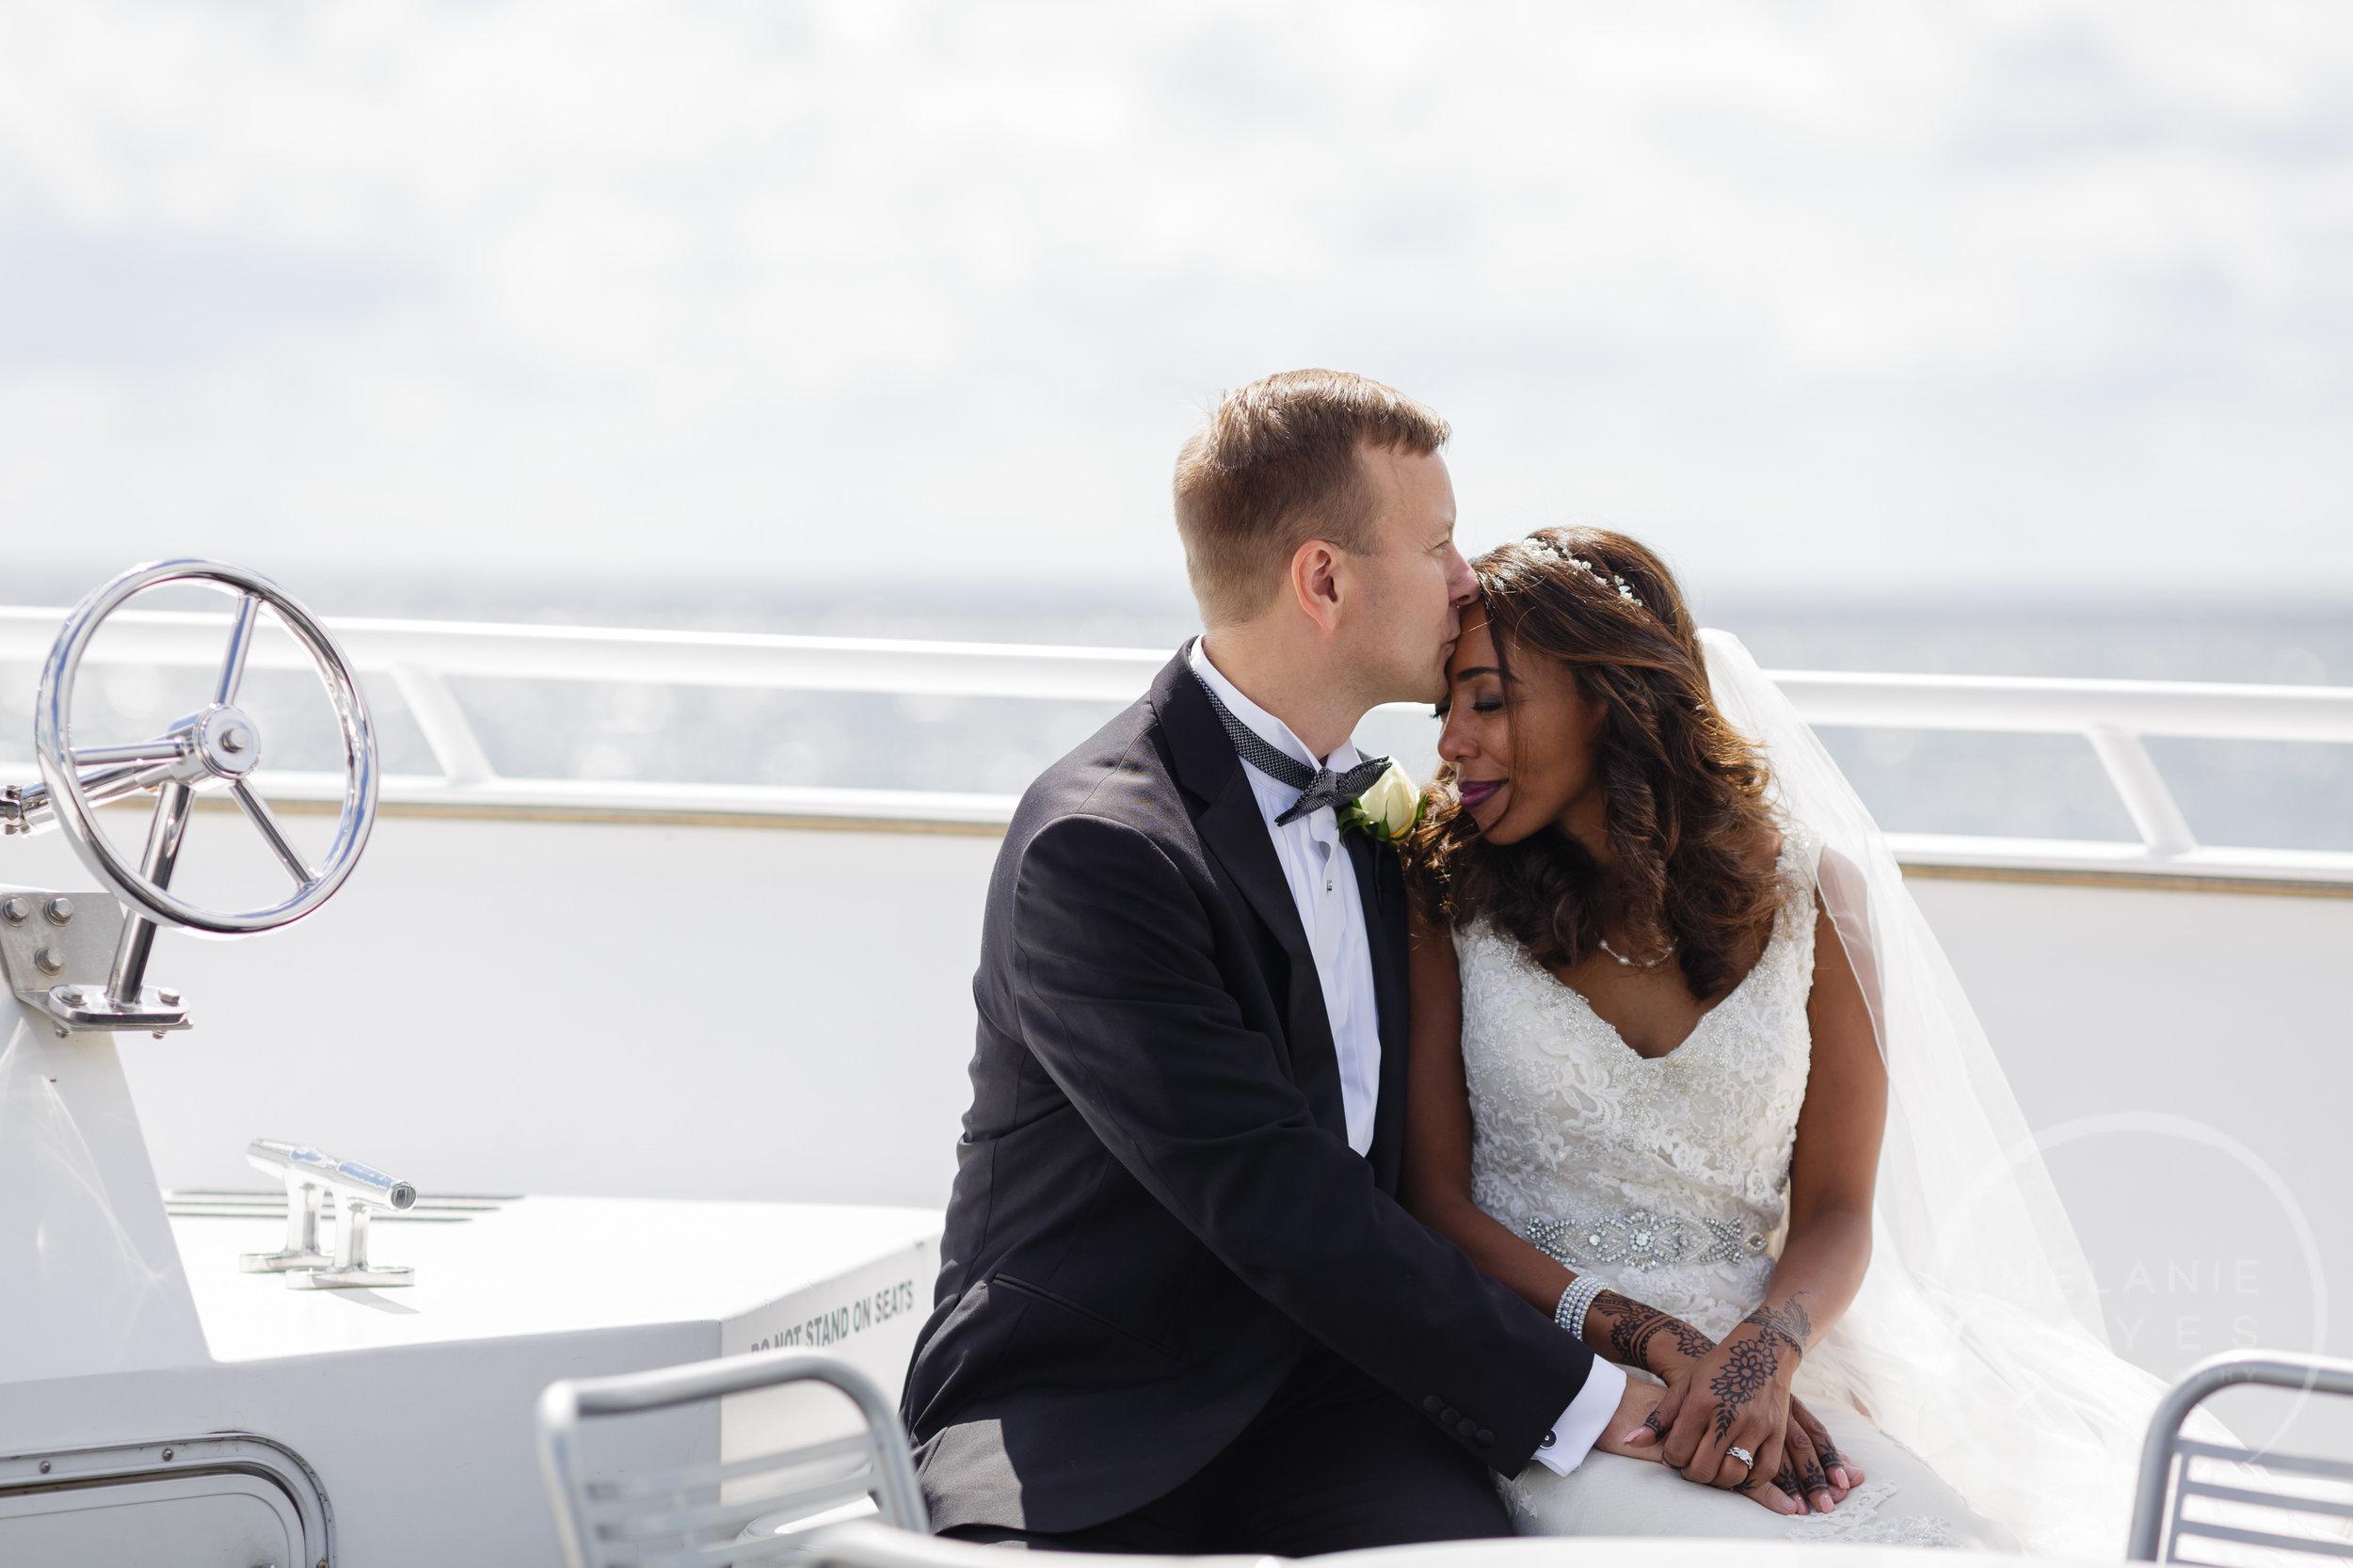 infinity_ovation_yacht_wedding_detroit_melaniereyes26.jpg